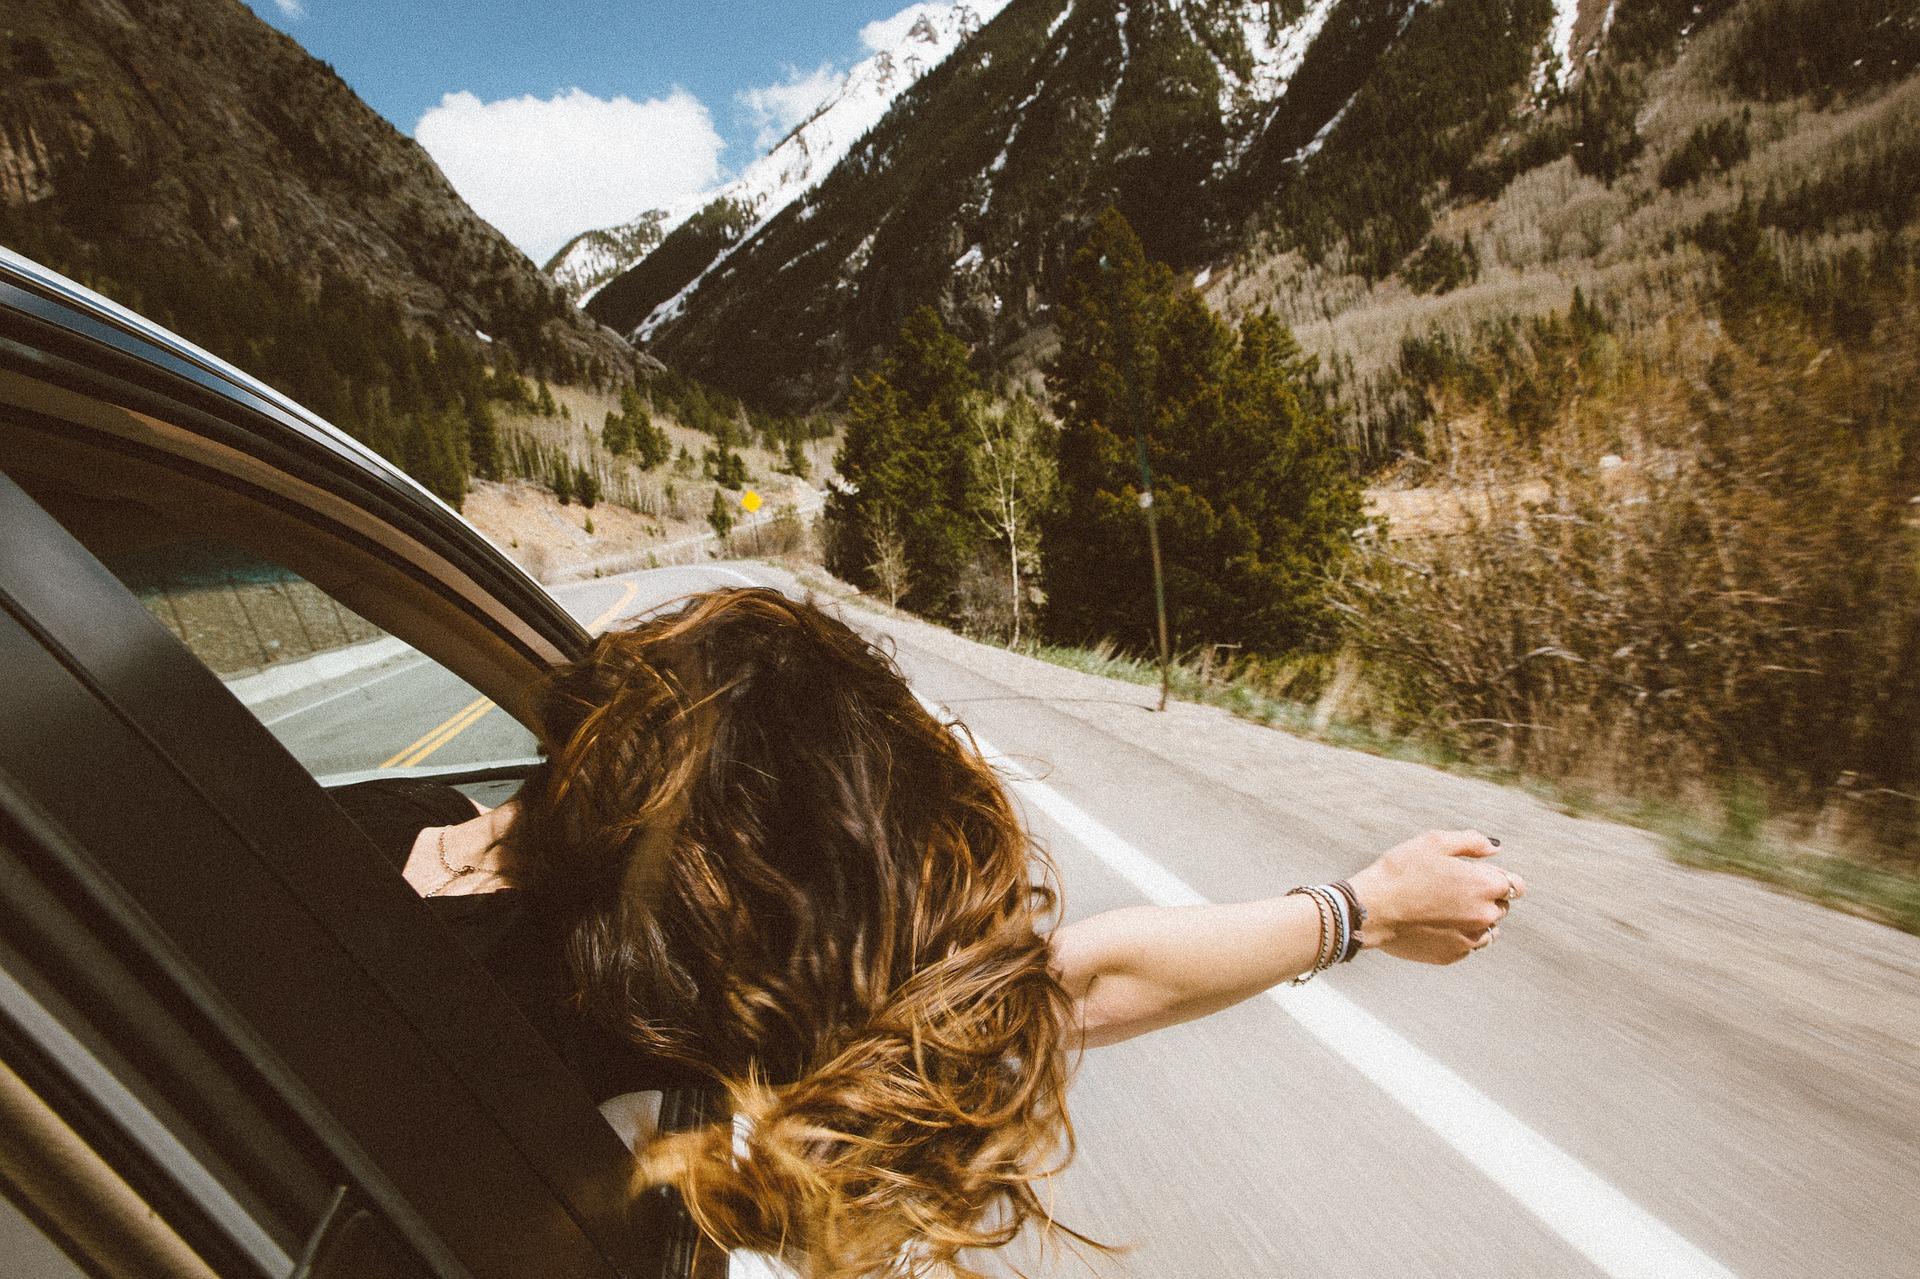 Užijte si všech výhod autopůjčovny